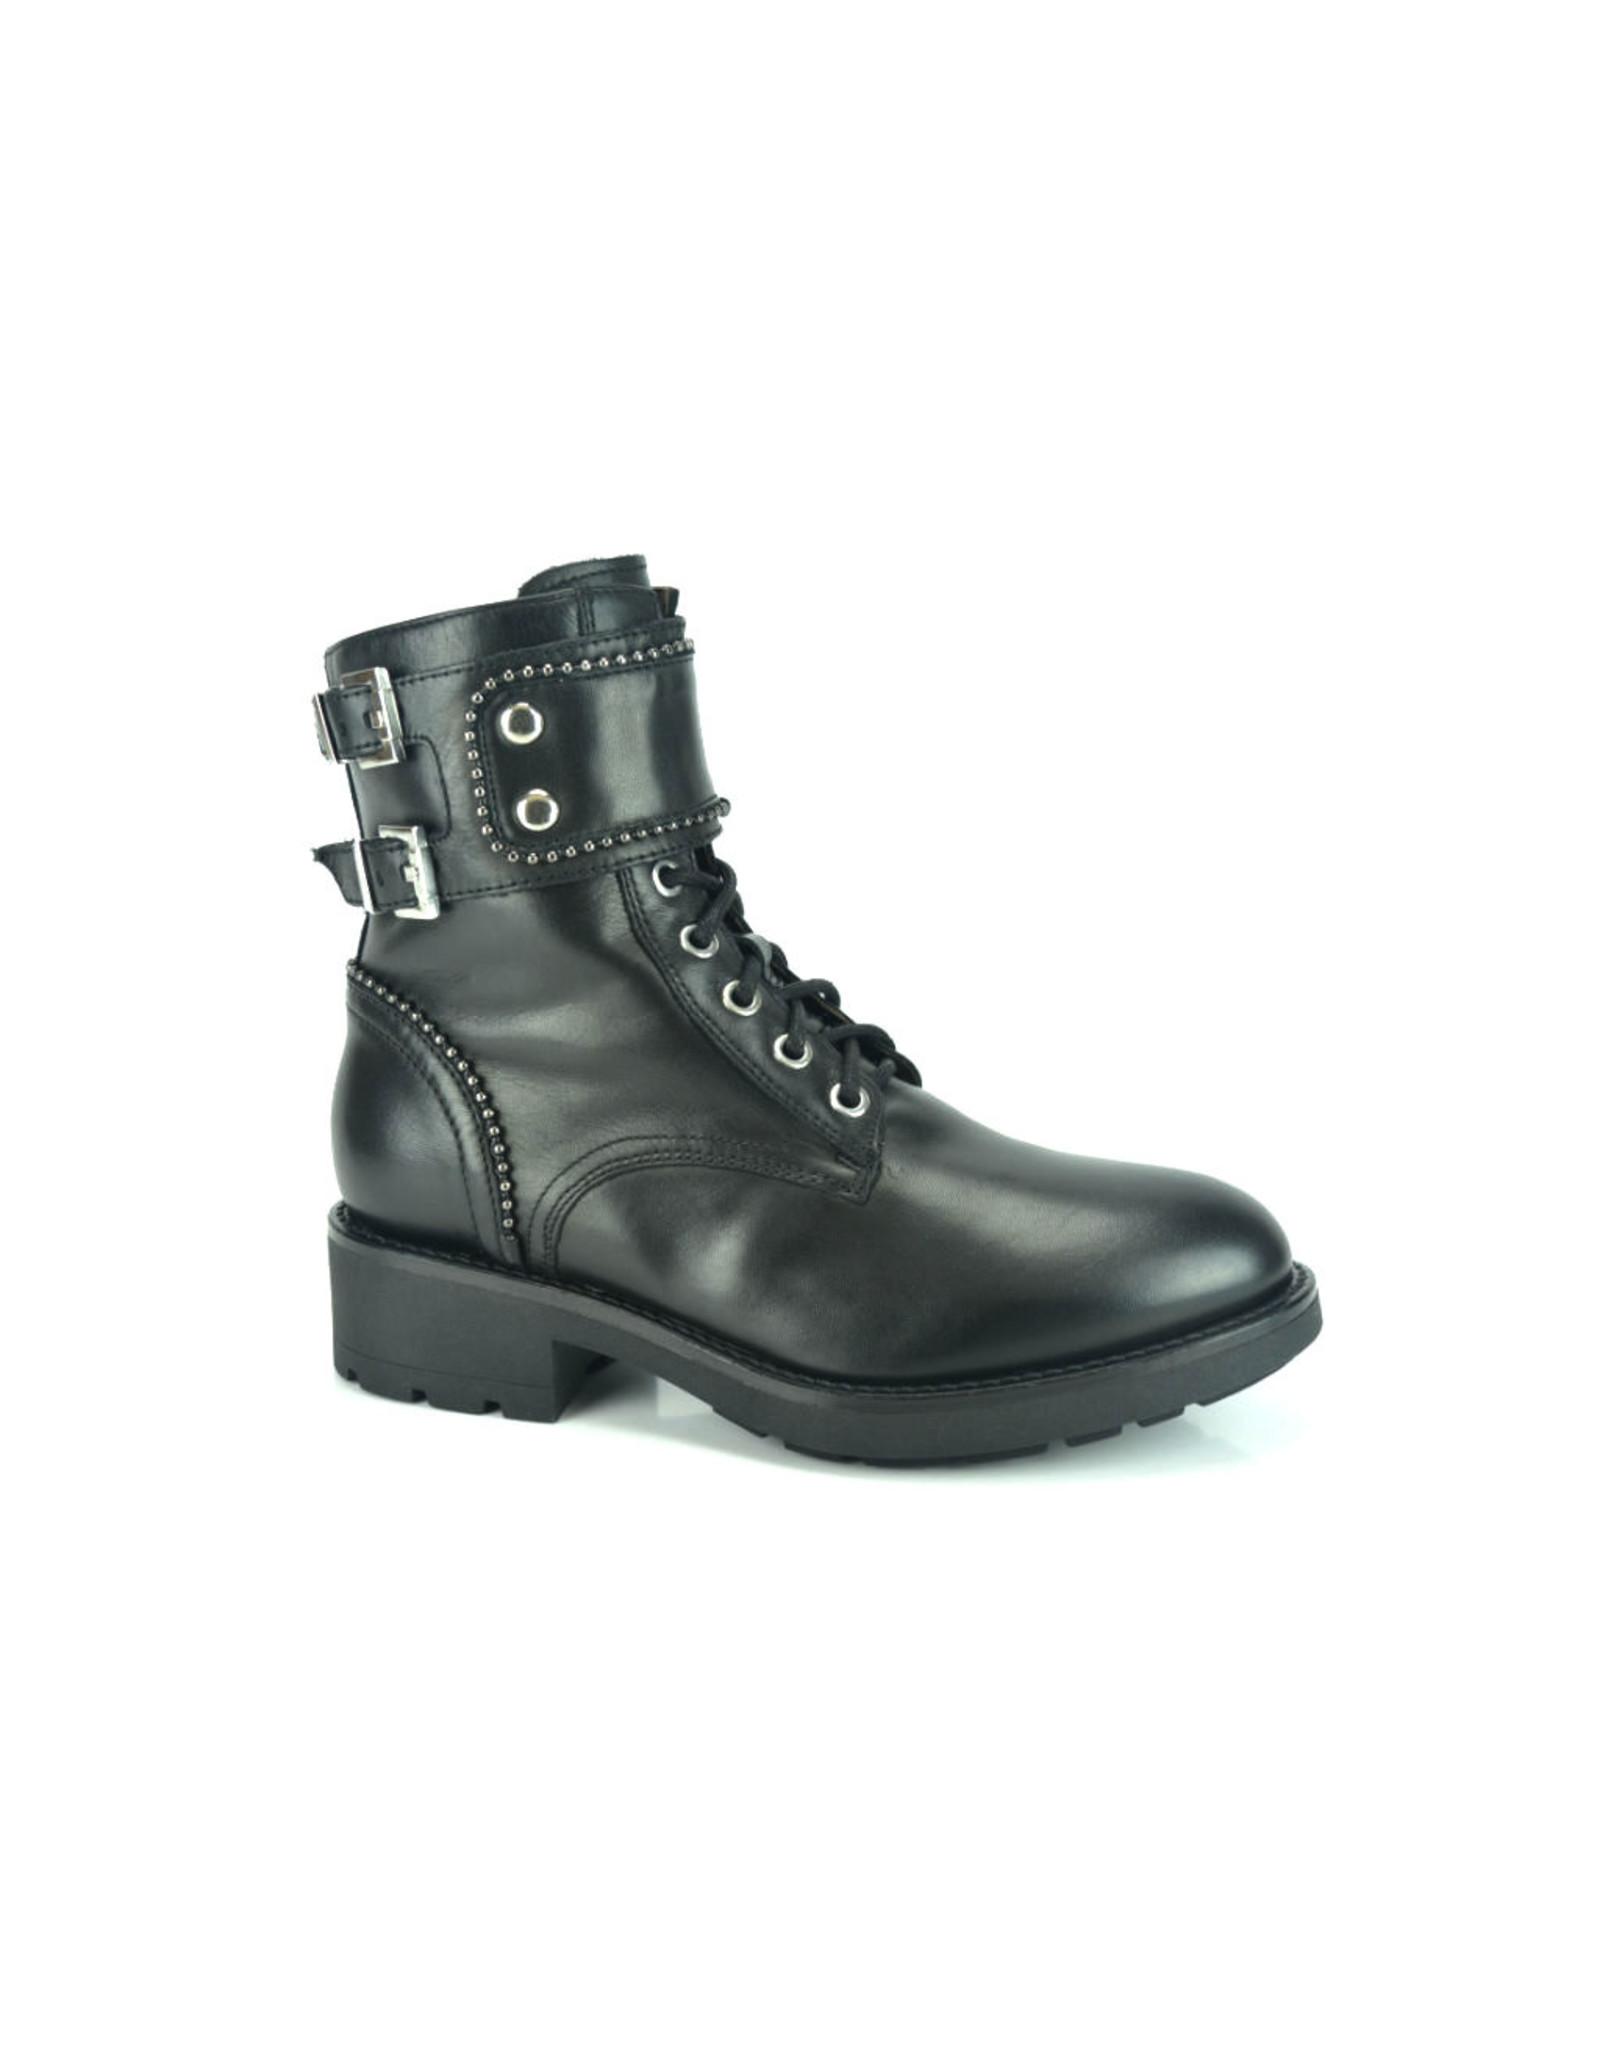 Nero Giardini 8721 zwart